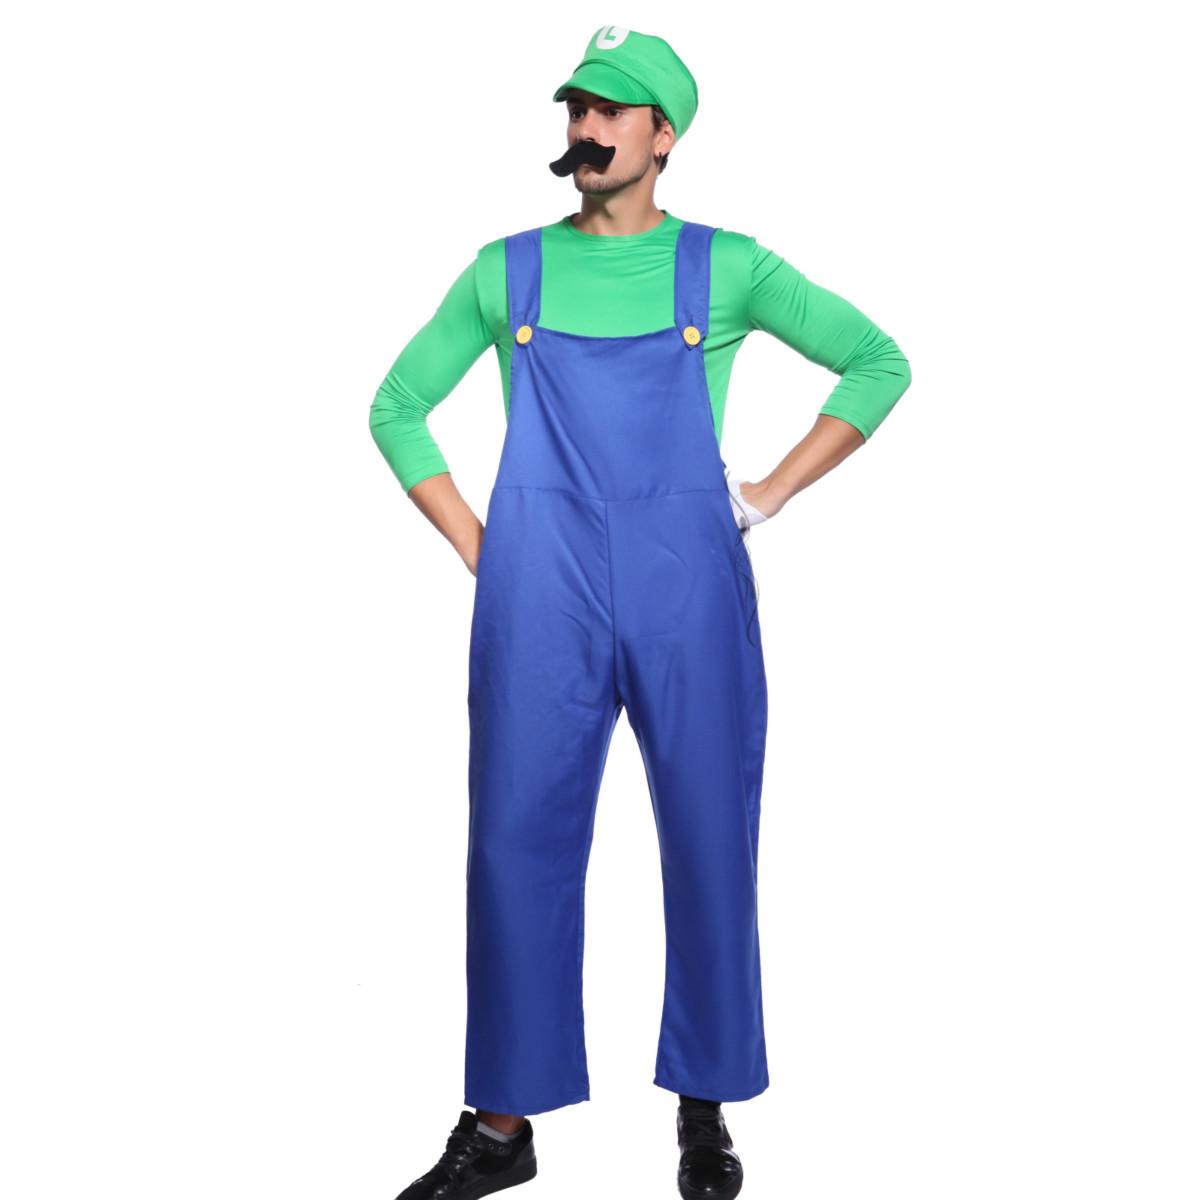 Déguisement Costume Mario Luigi Frere Bros Bleu Rouge Vert Jeux Game